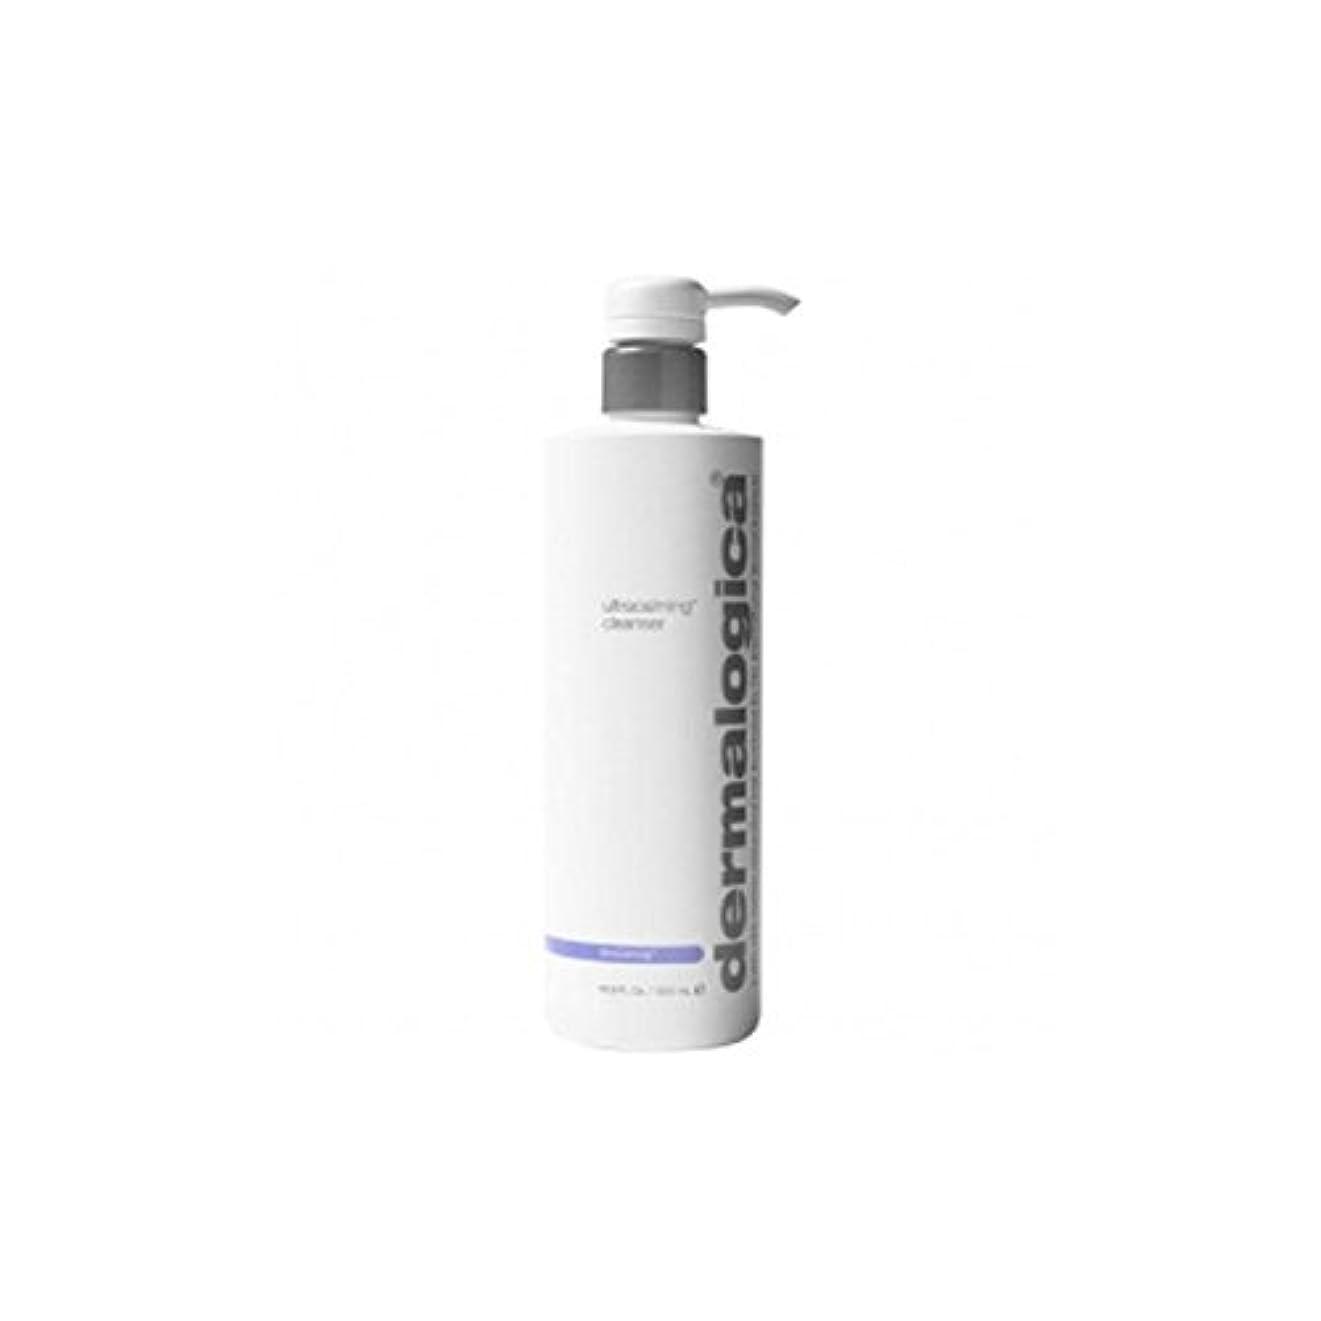 浮く安定した気怠いダーマロジカクレンザー(500ミリリットル) x2 - Dermalogica Ultracalming Cleanser (500ml) (Pack of 2) [並行輸入品]